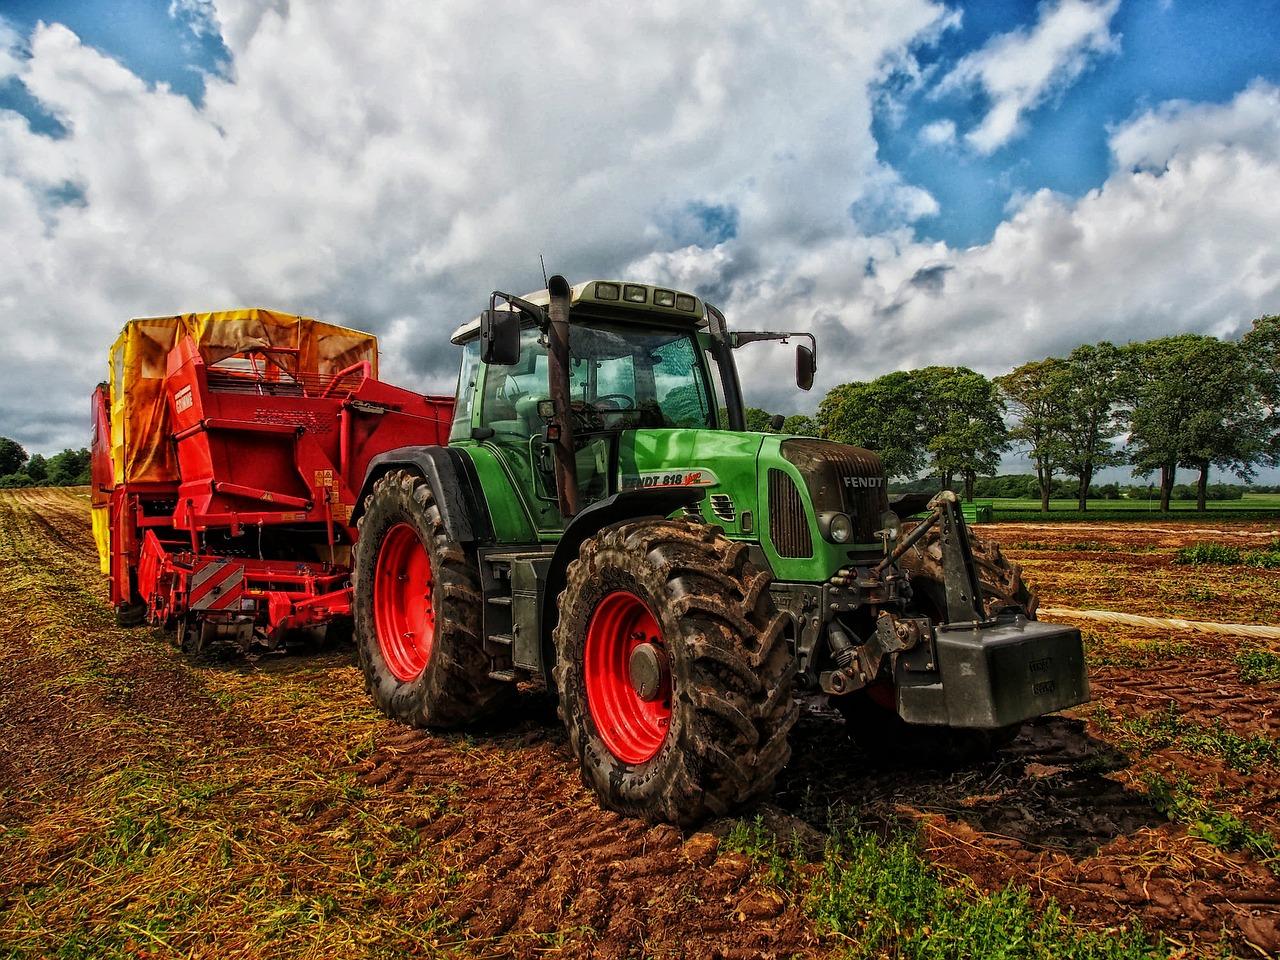 Oferta de crédito agrícola: 12 bilhões liberados